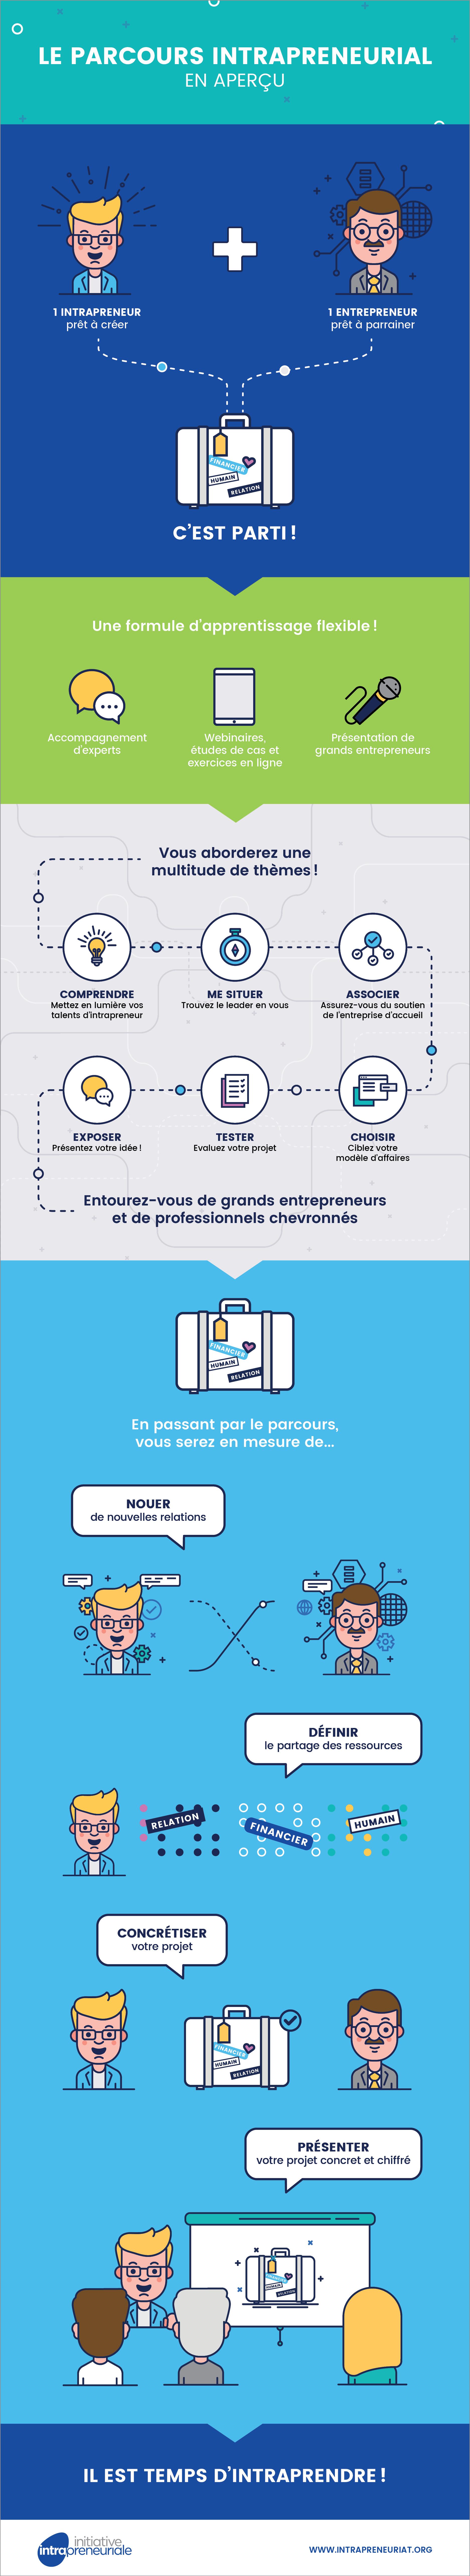 08.19.2016_Parcours Aperçu [Infographic]